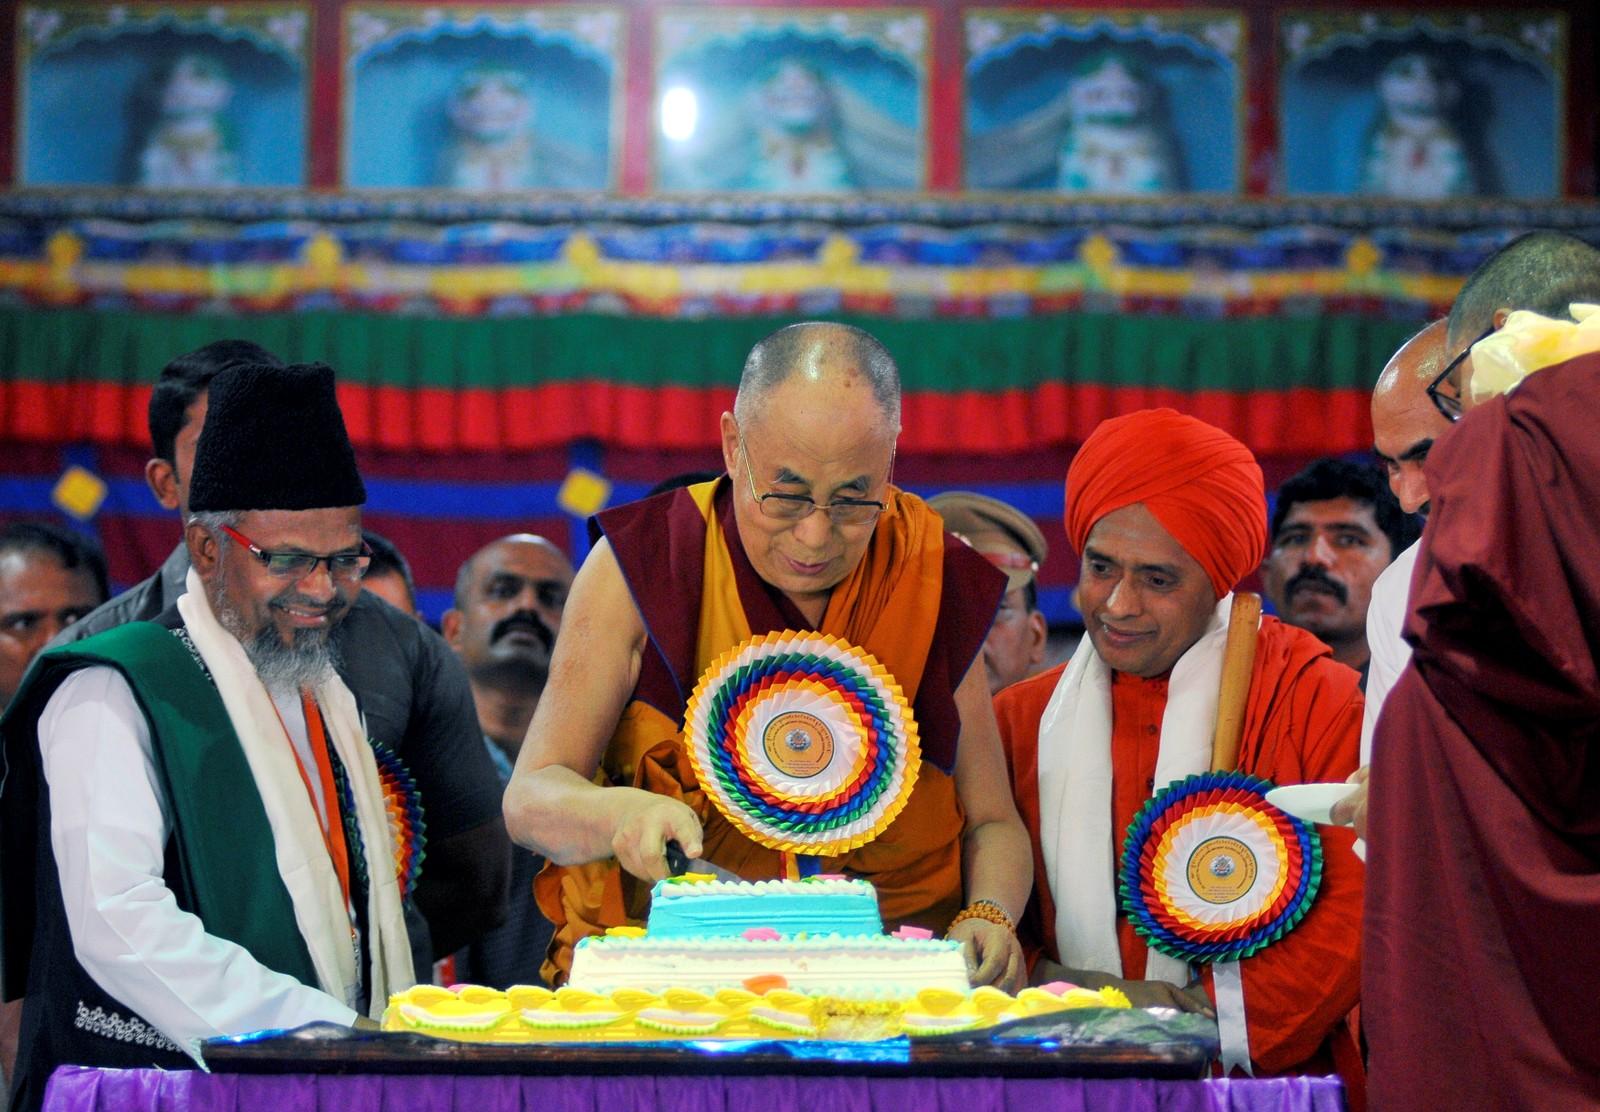 Dalai Lama tar seg litt kake for å feire sin egen bursdag den sjette juli. Bursdagsselskapet fant sted i Drepung-klosteret i Karnataka i India.